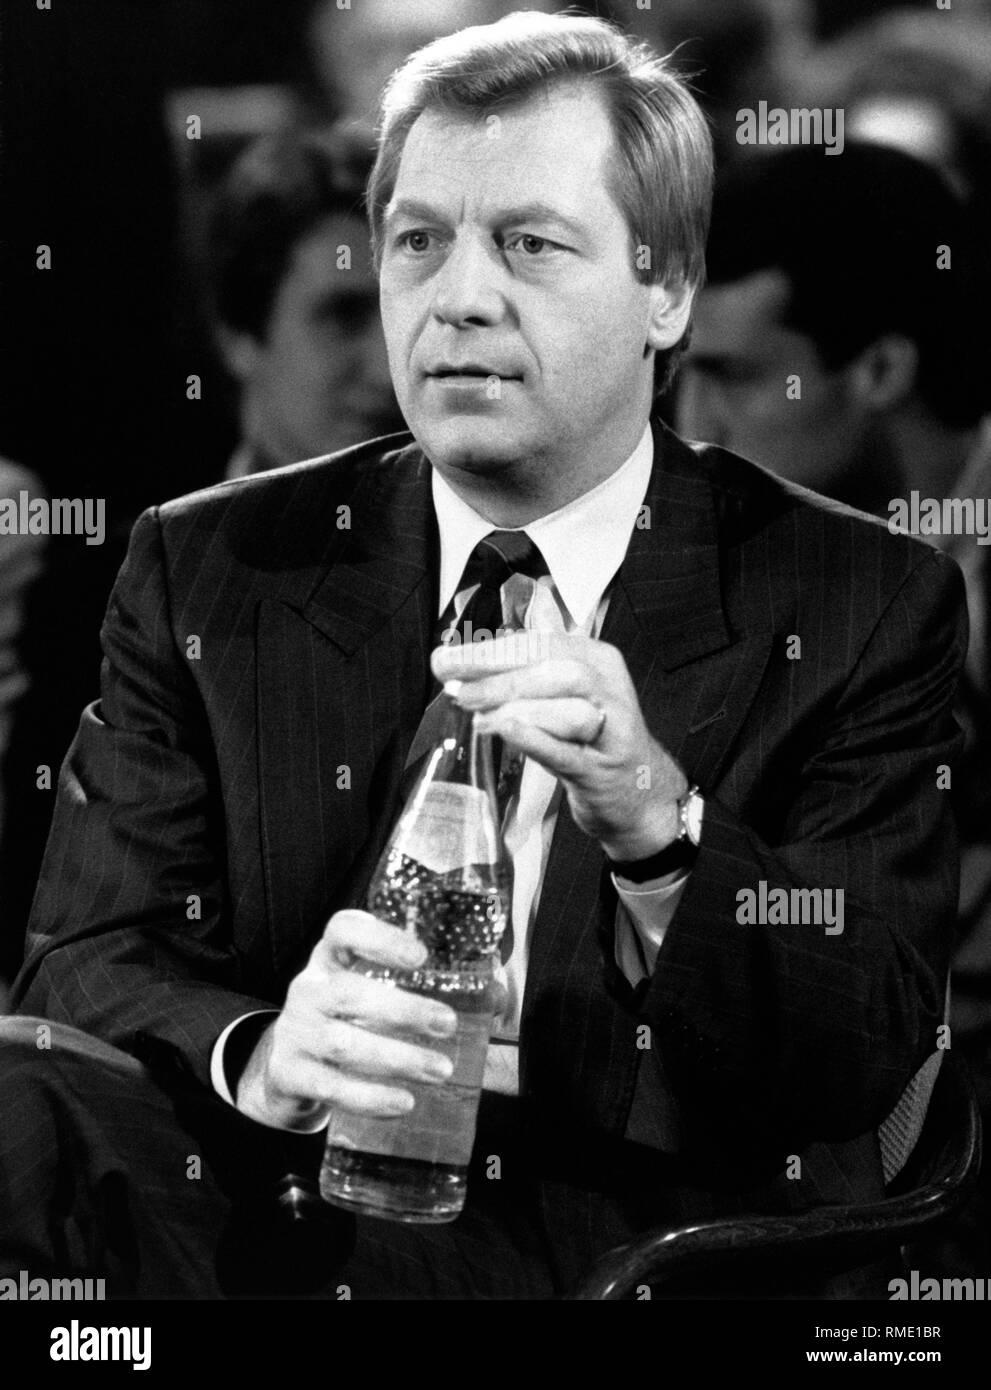 Eberhard Diepgen in a talk show. - Stock Image